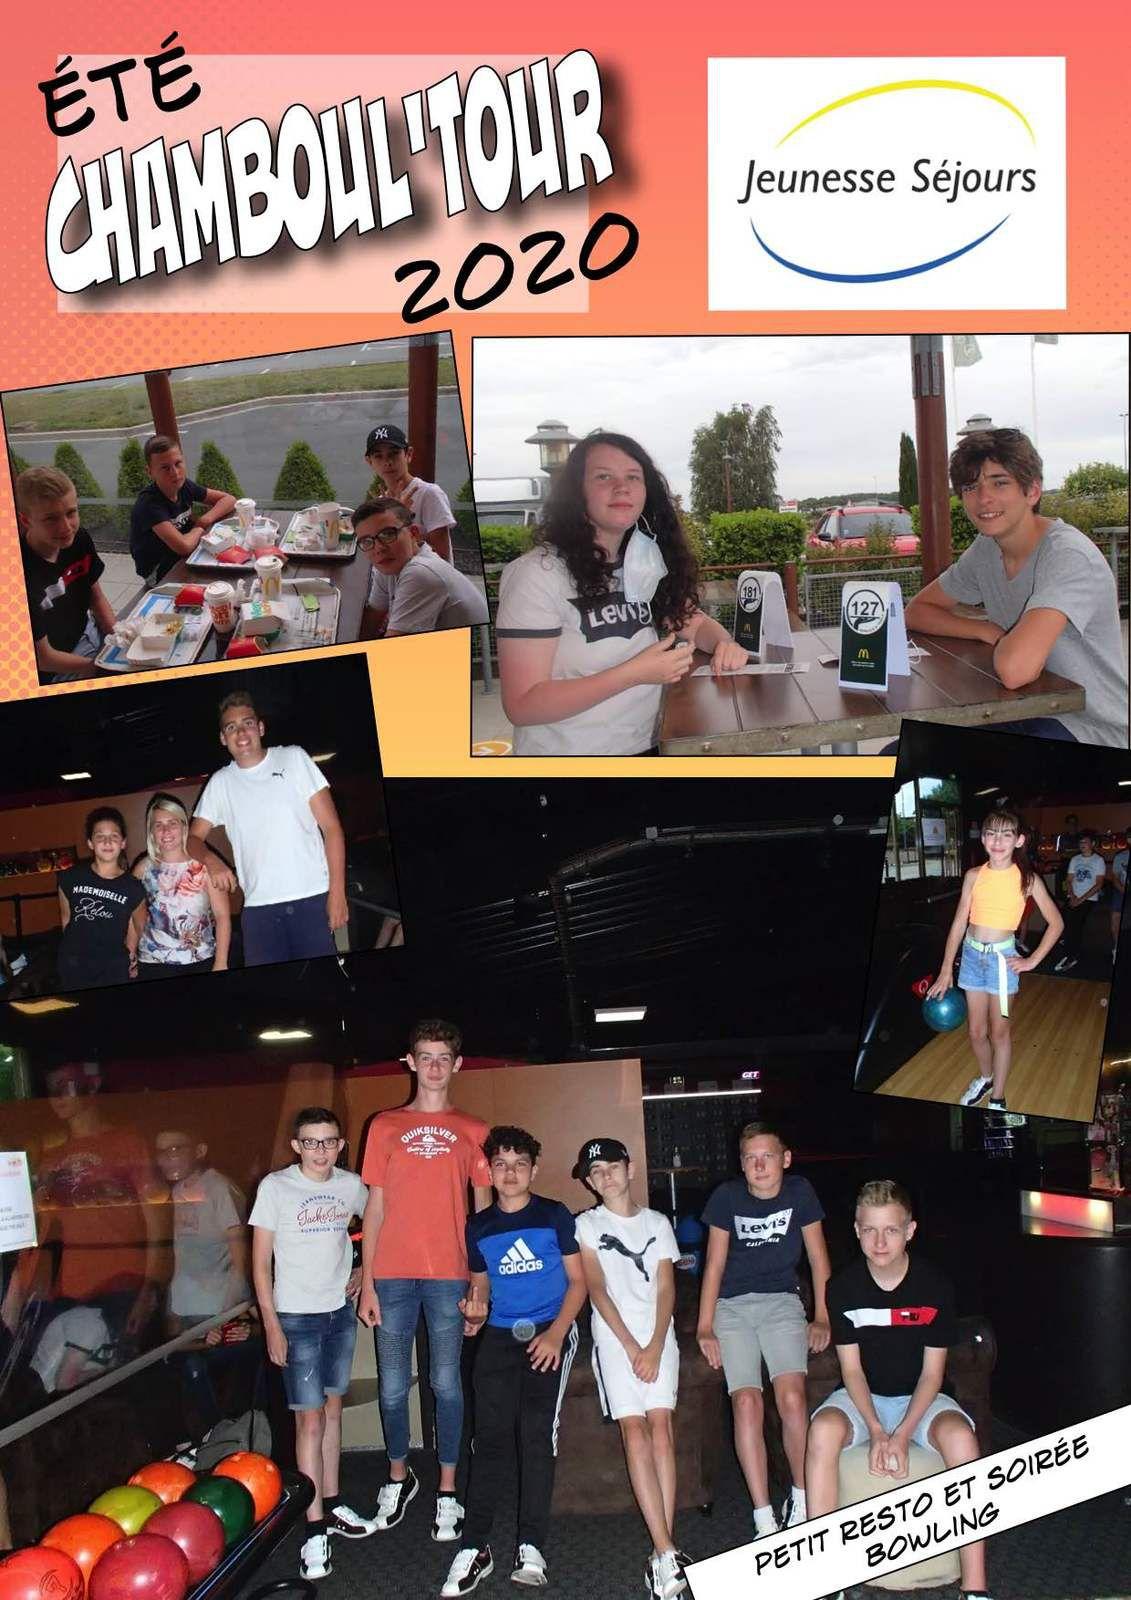 Chamboul'Tour en soirée Resto-Bowling